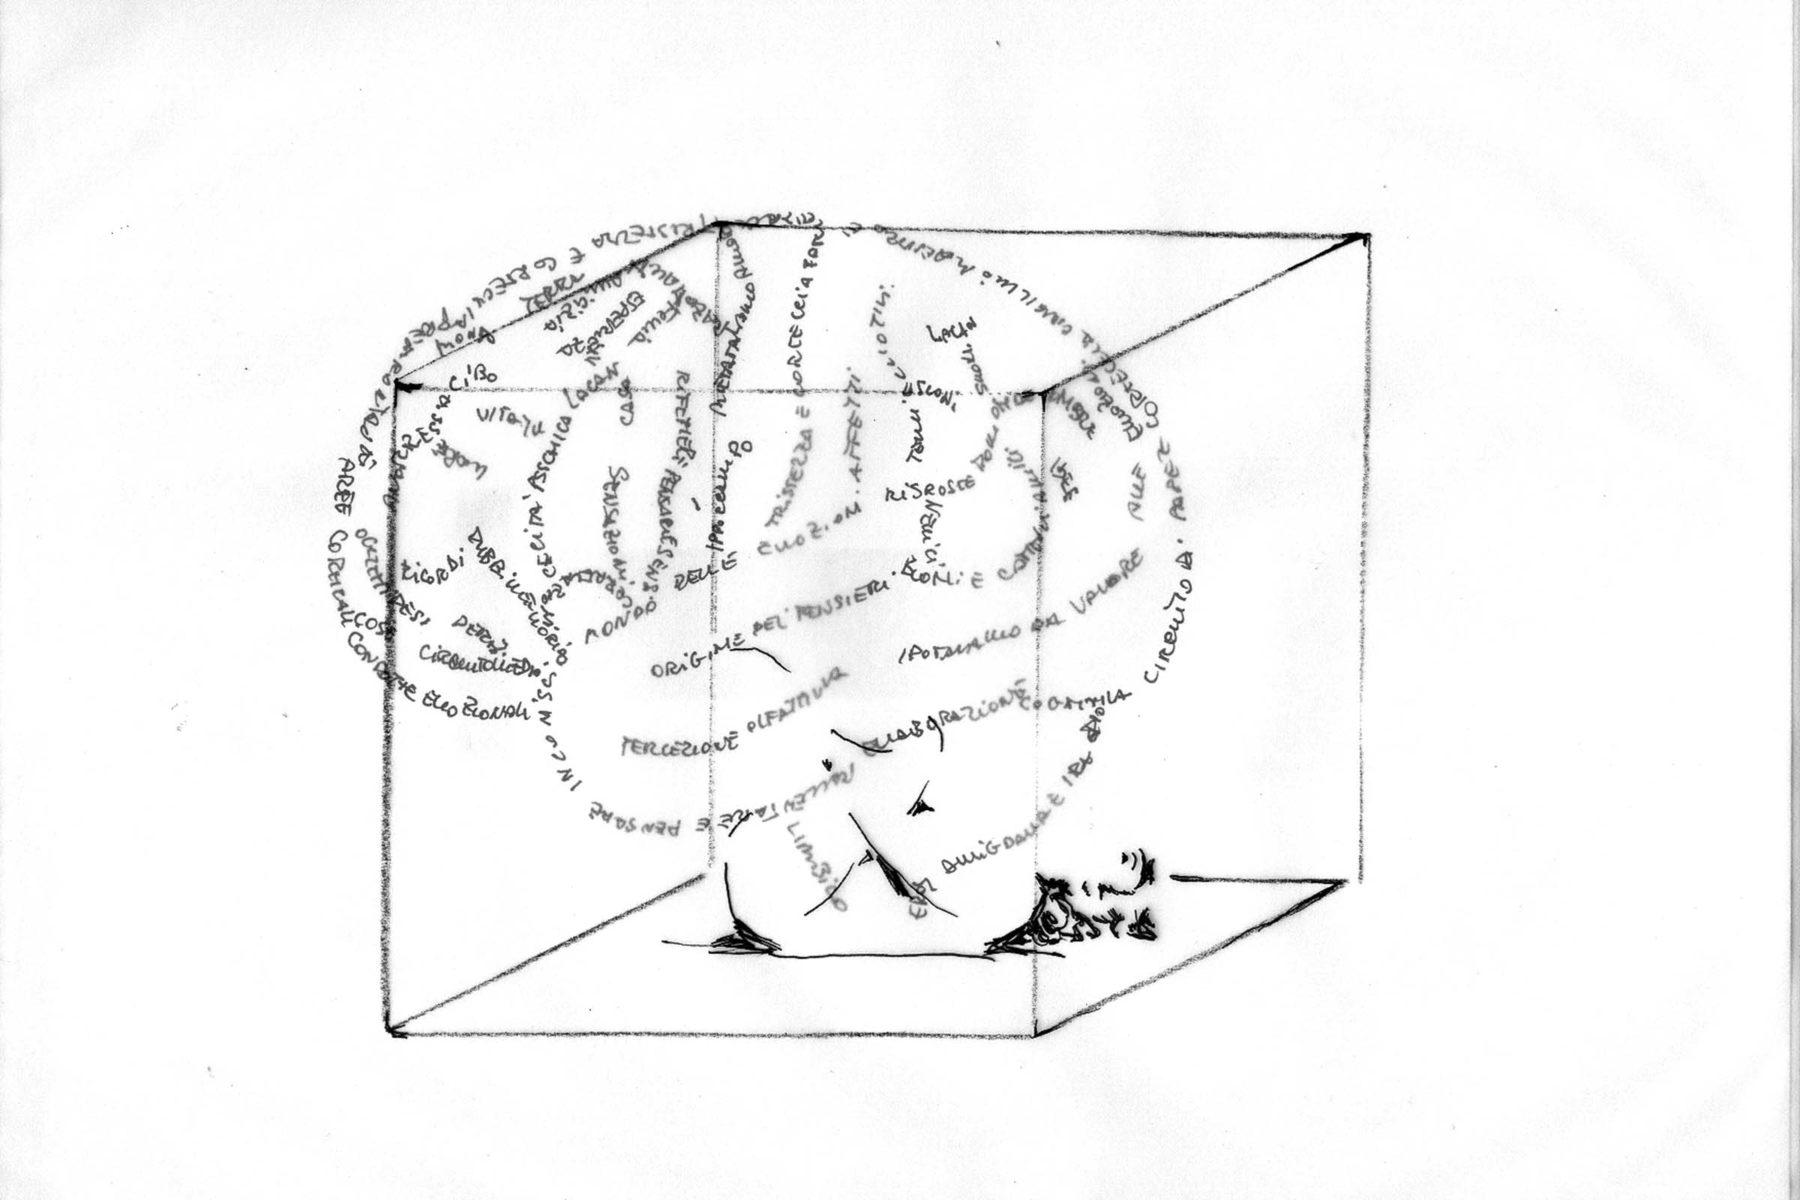 Elena Arzuffi, Il linguaggio segreto del corpo, 2012, drawing on paper, 50 x 70 cm